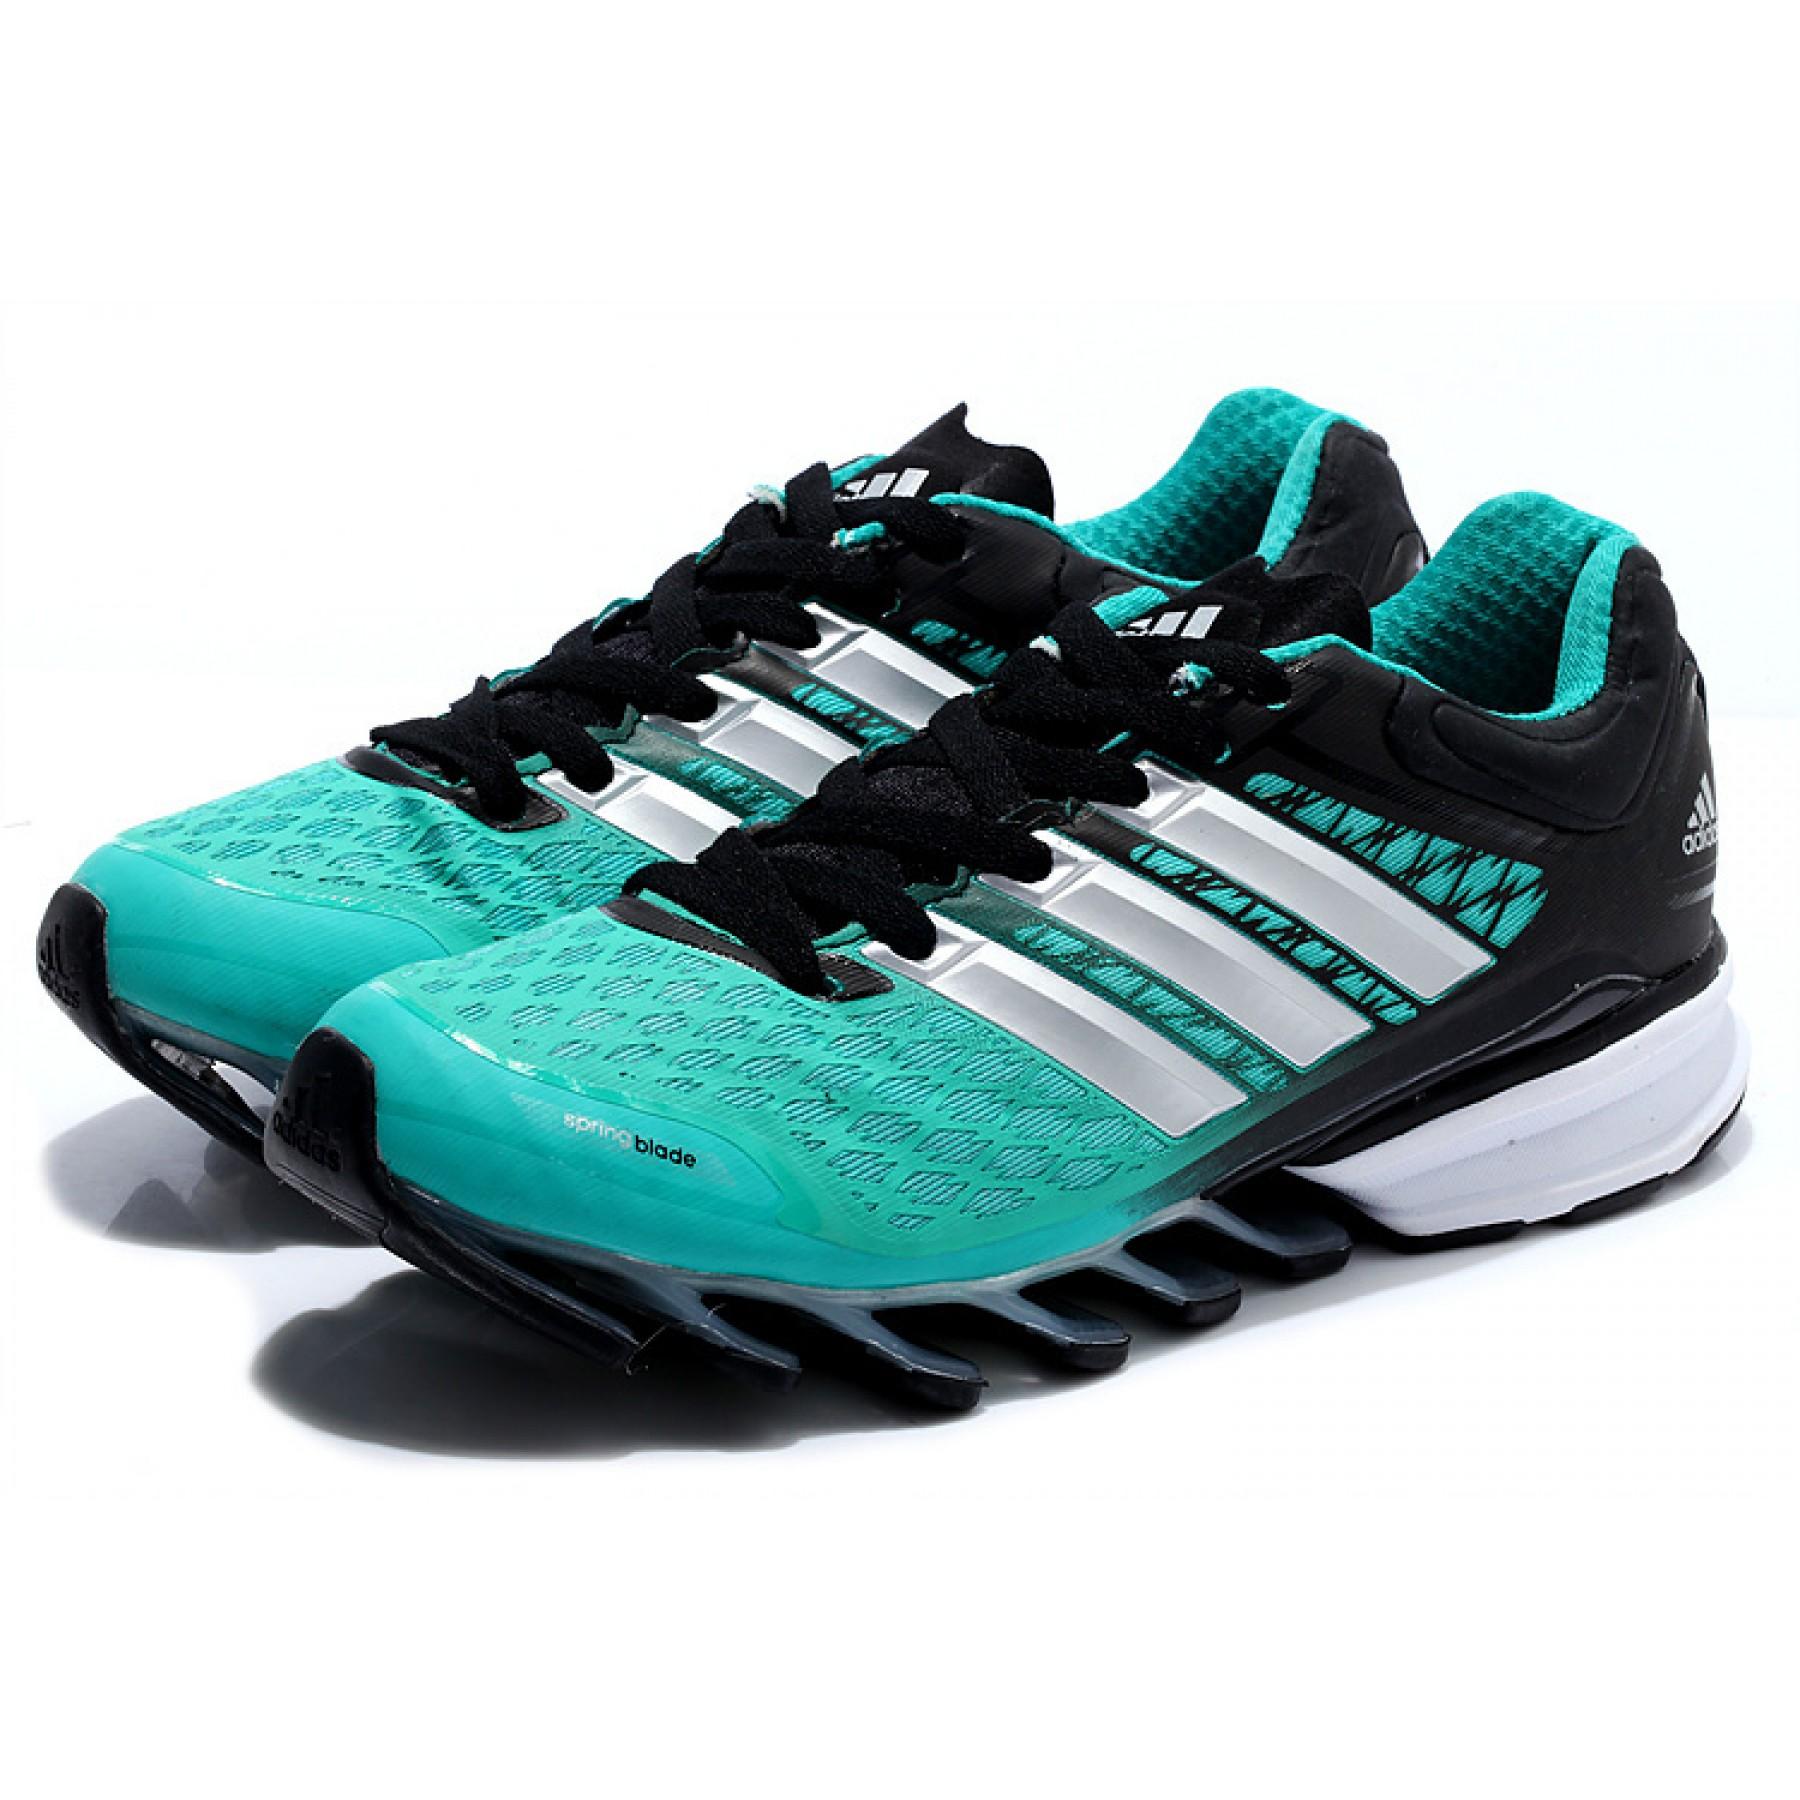 9365317cc8c Tênis Adidas SpringBlade FF Masculino Verde Jade e Preto Cod 0392